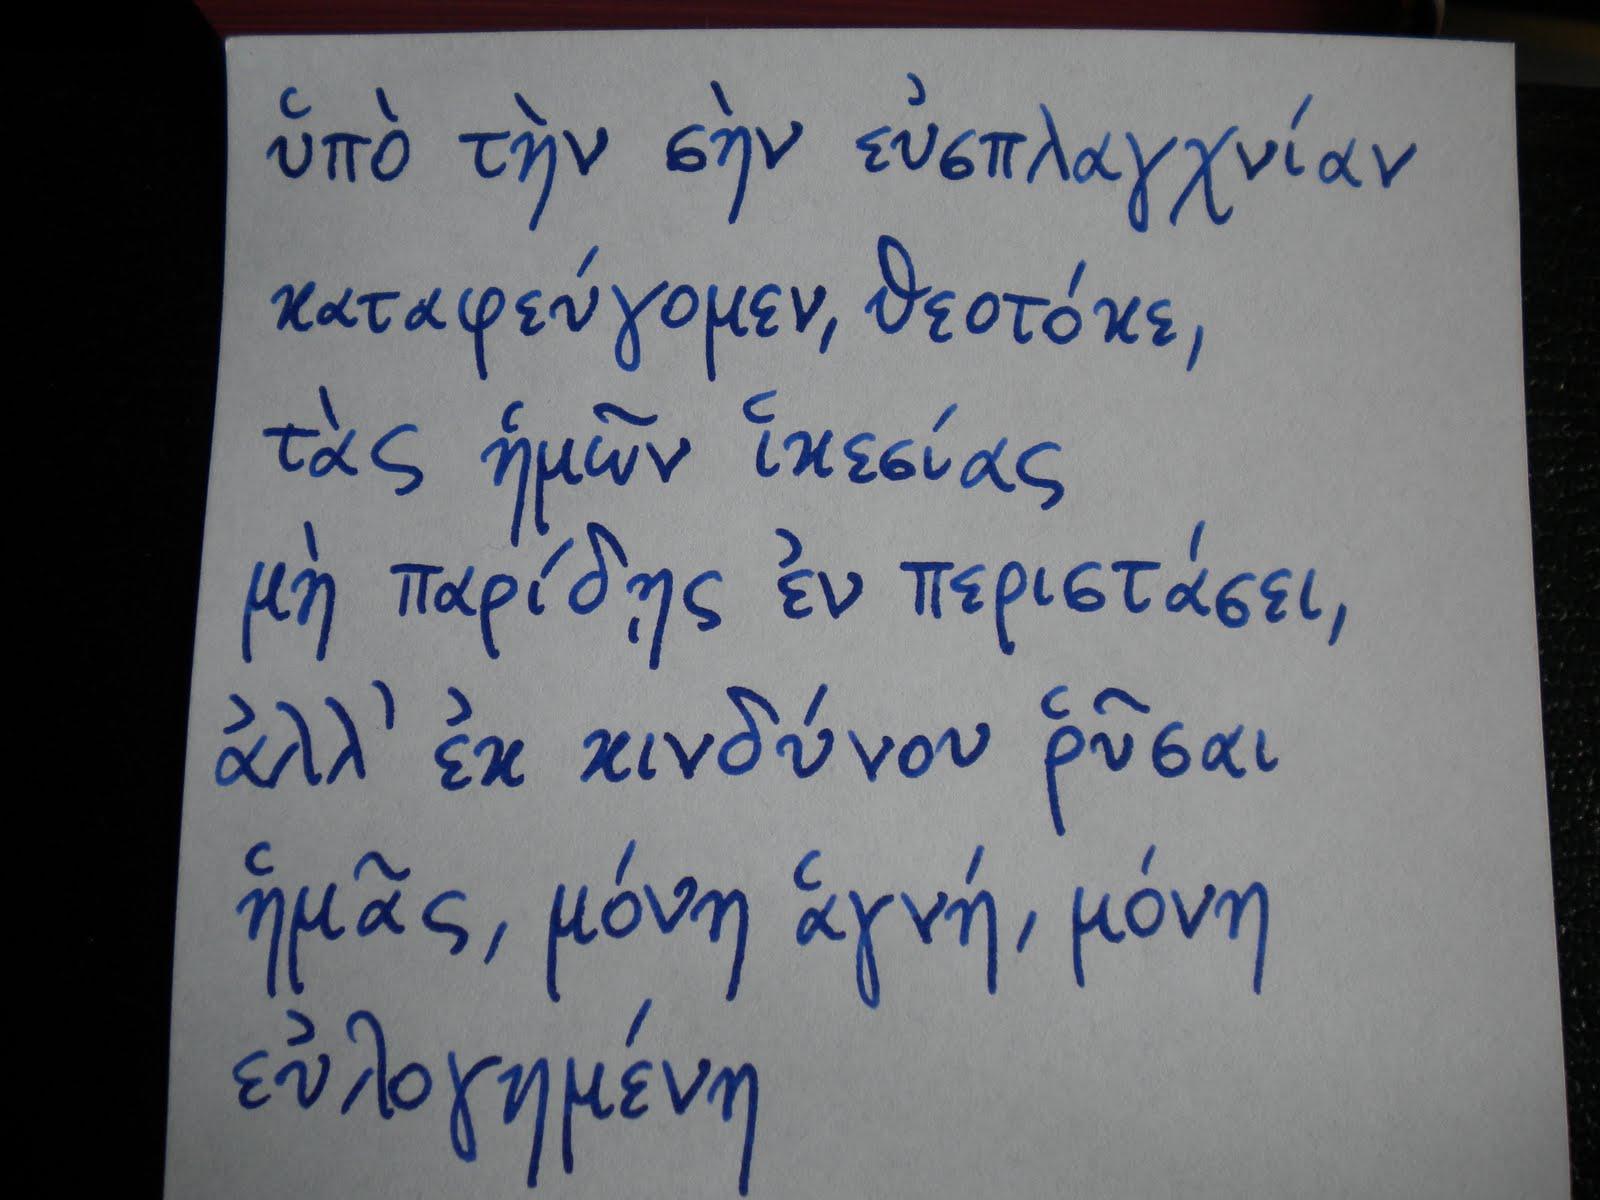 się znacznie od oryginału greckiego kt³ry przeczytać można poniżej Nie miałem siły na bawienie się w kopiowanie greckiej czcionki litera po literze